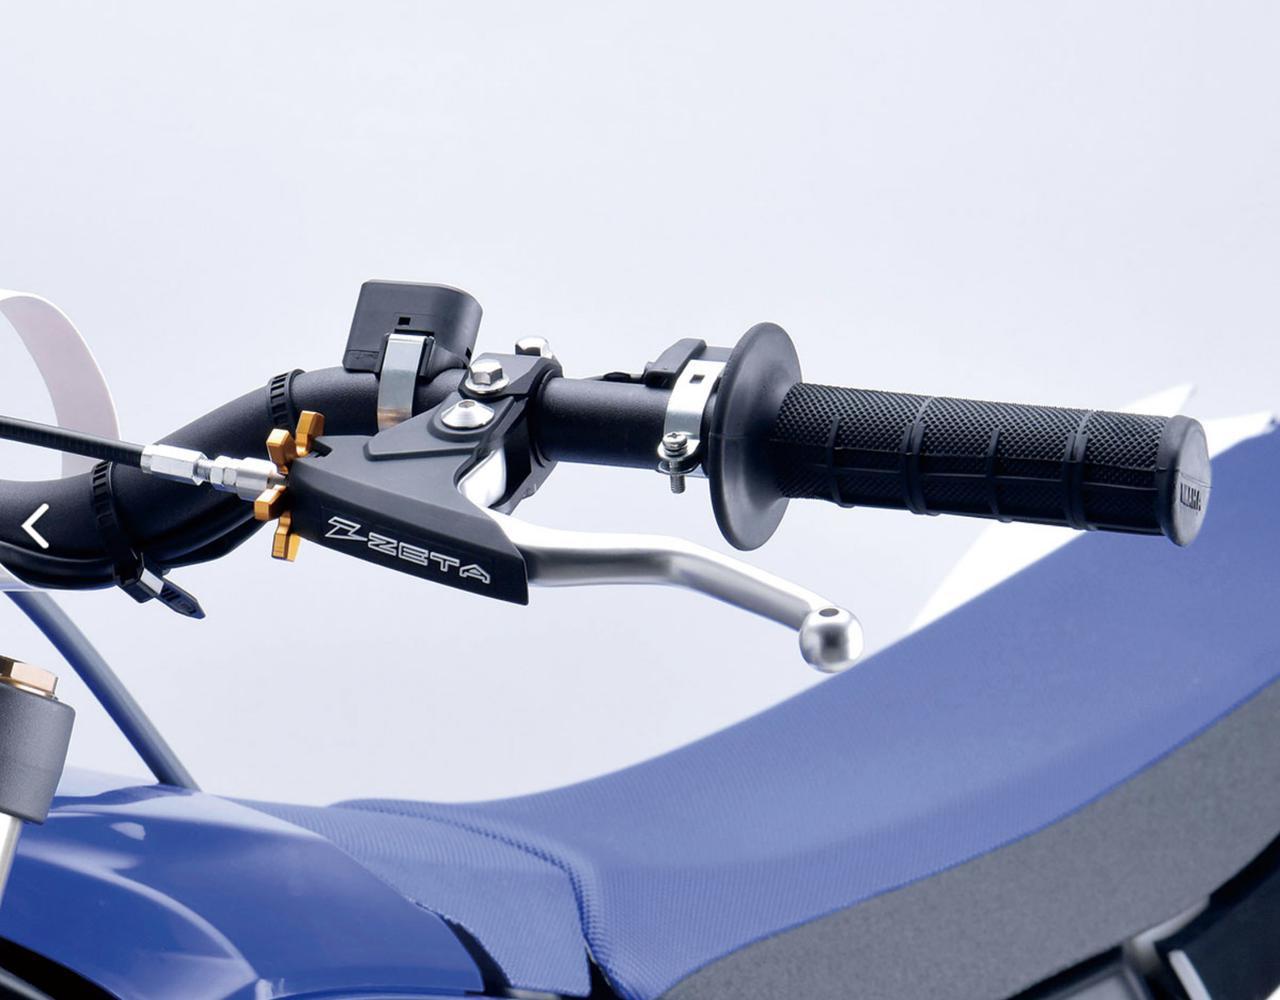 画像1: 軽さとキレのバランスを4段階から選べるクラッチレバーシステム